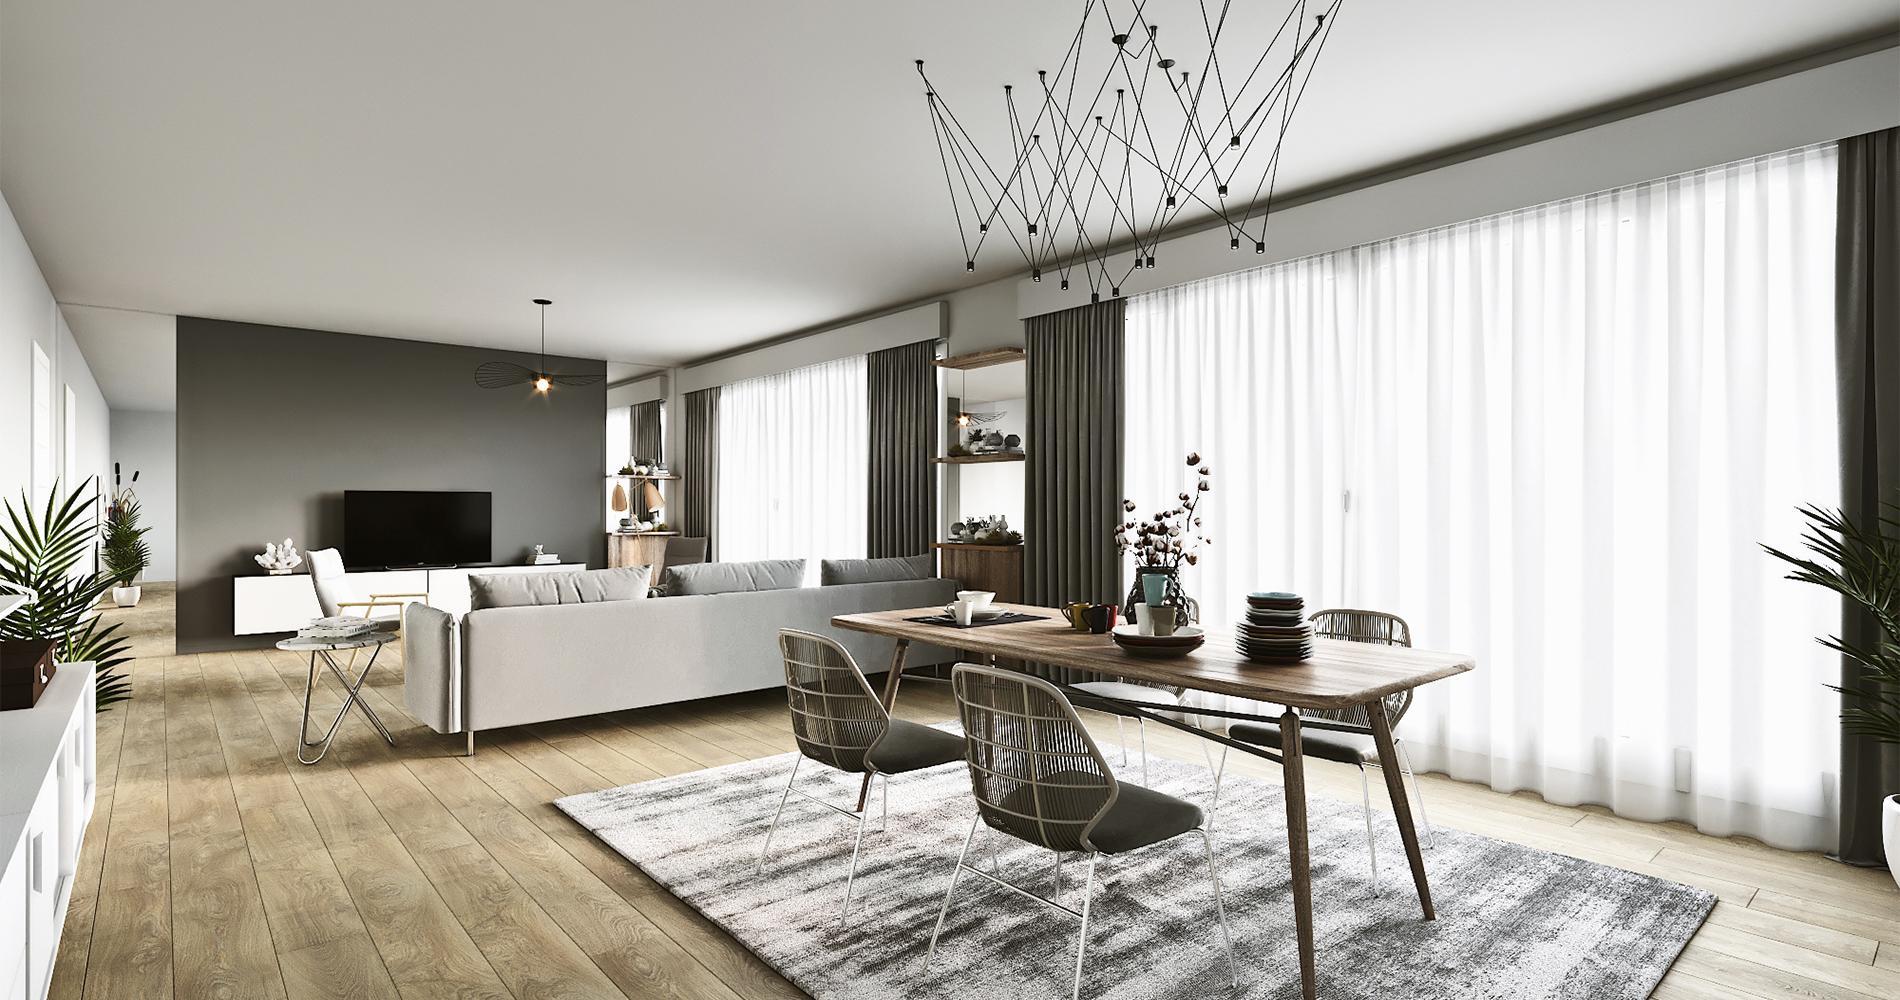 Comment créer deux espaces de vie dans un salon ? - Madame Figaro